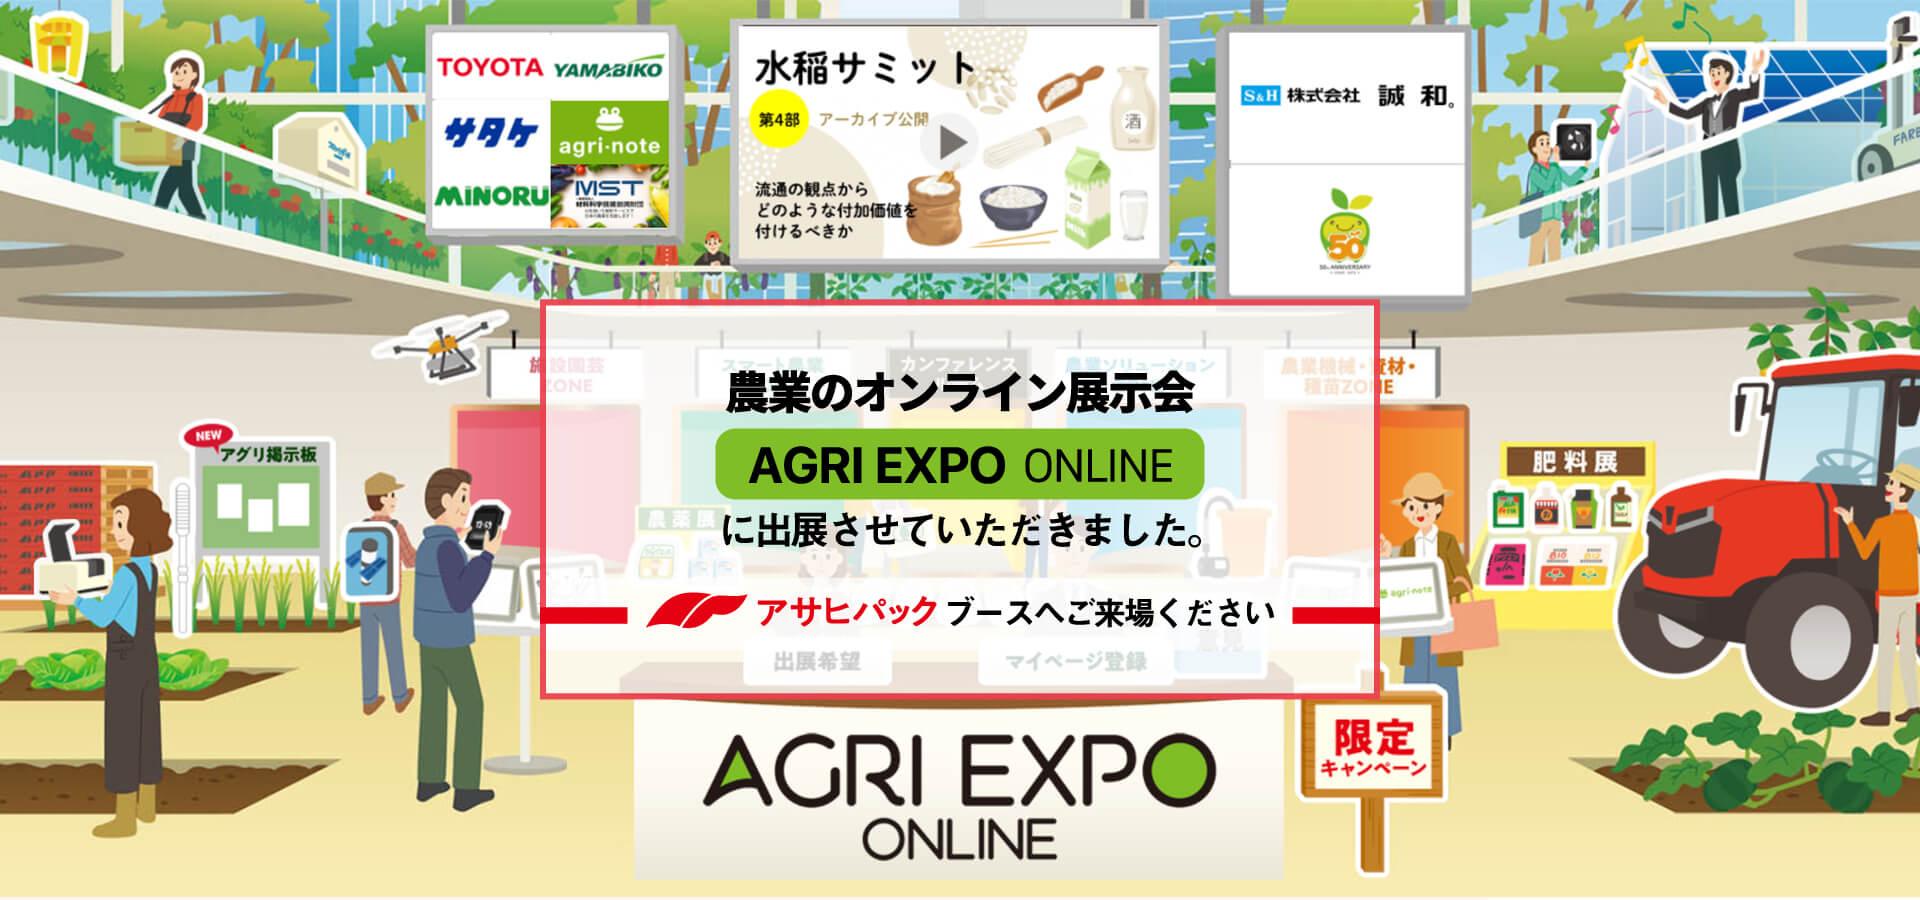 農業のオンライン展示会 AGRI EXPO ONLINE出展